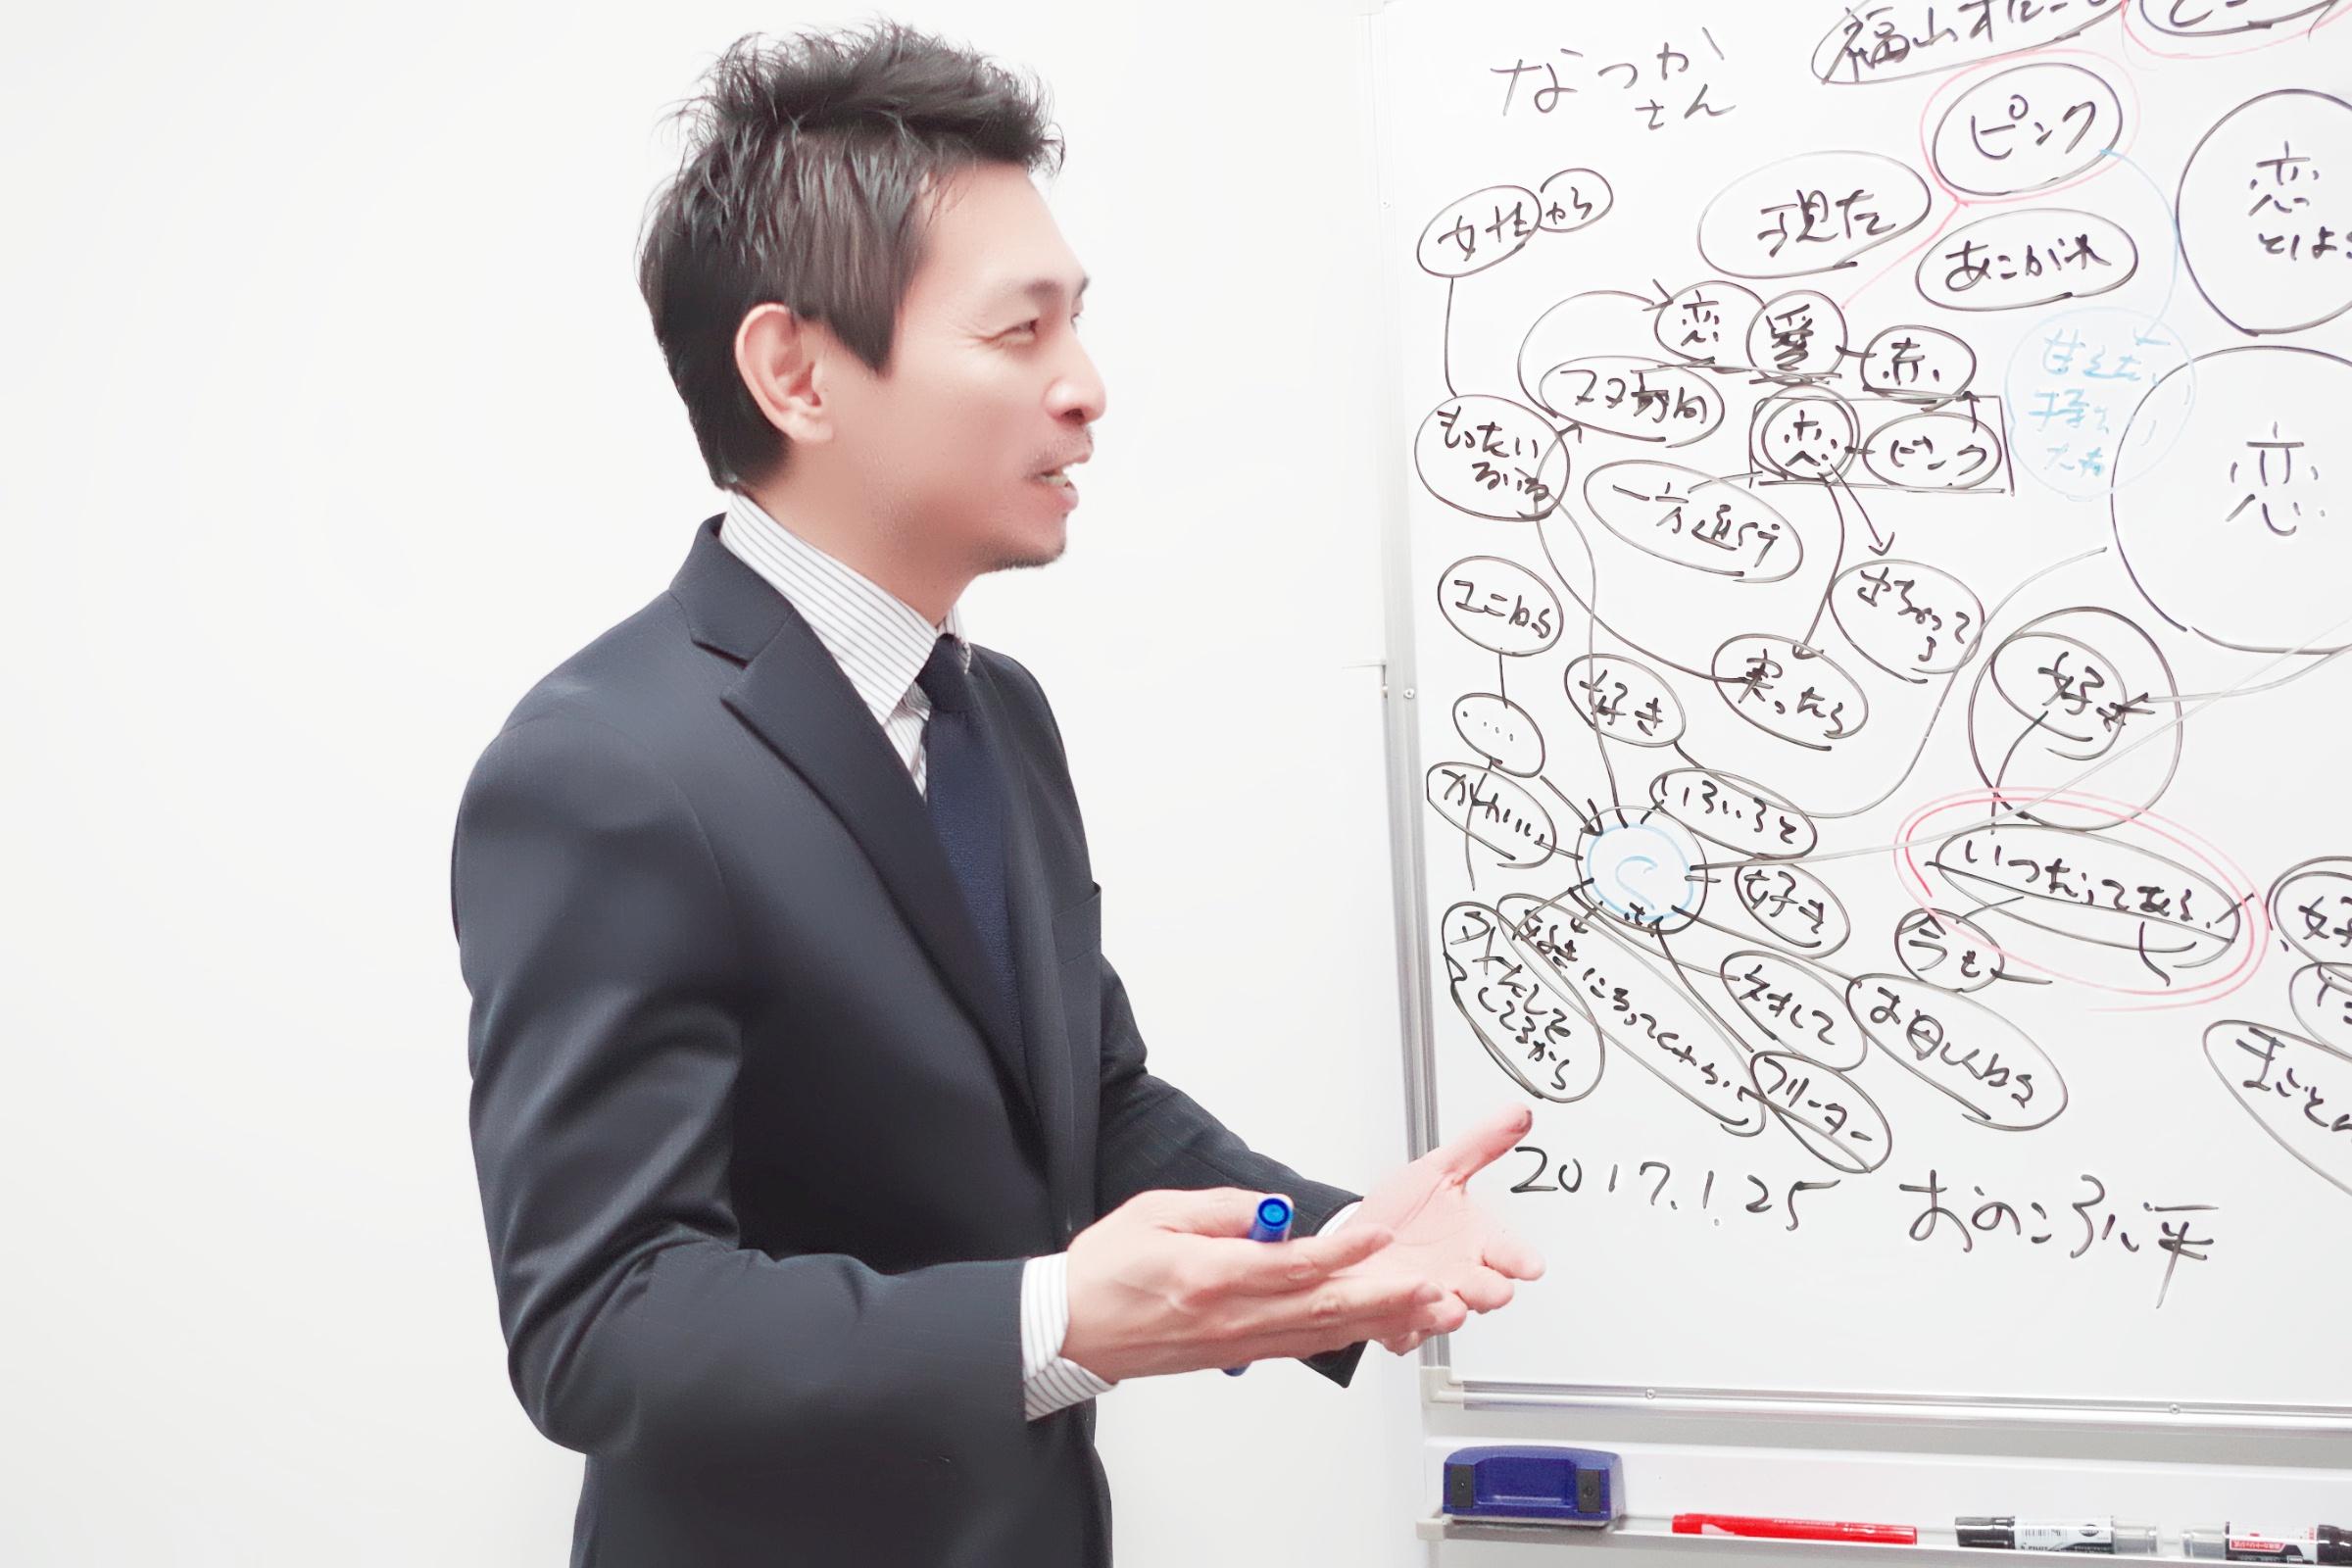 カウンセラー・おのころ心平先生インタビュー全3回 Vol.3~「月よみ」で恋のツキを呼び込むとっておきの方法とは?